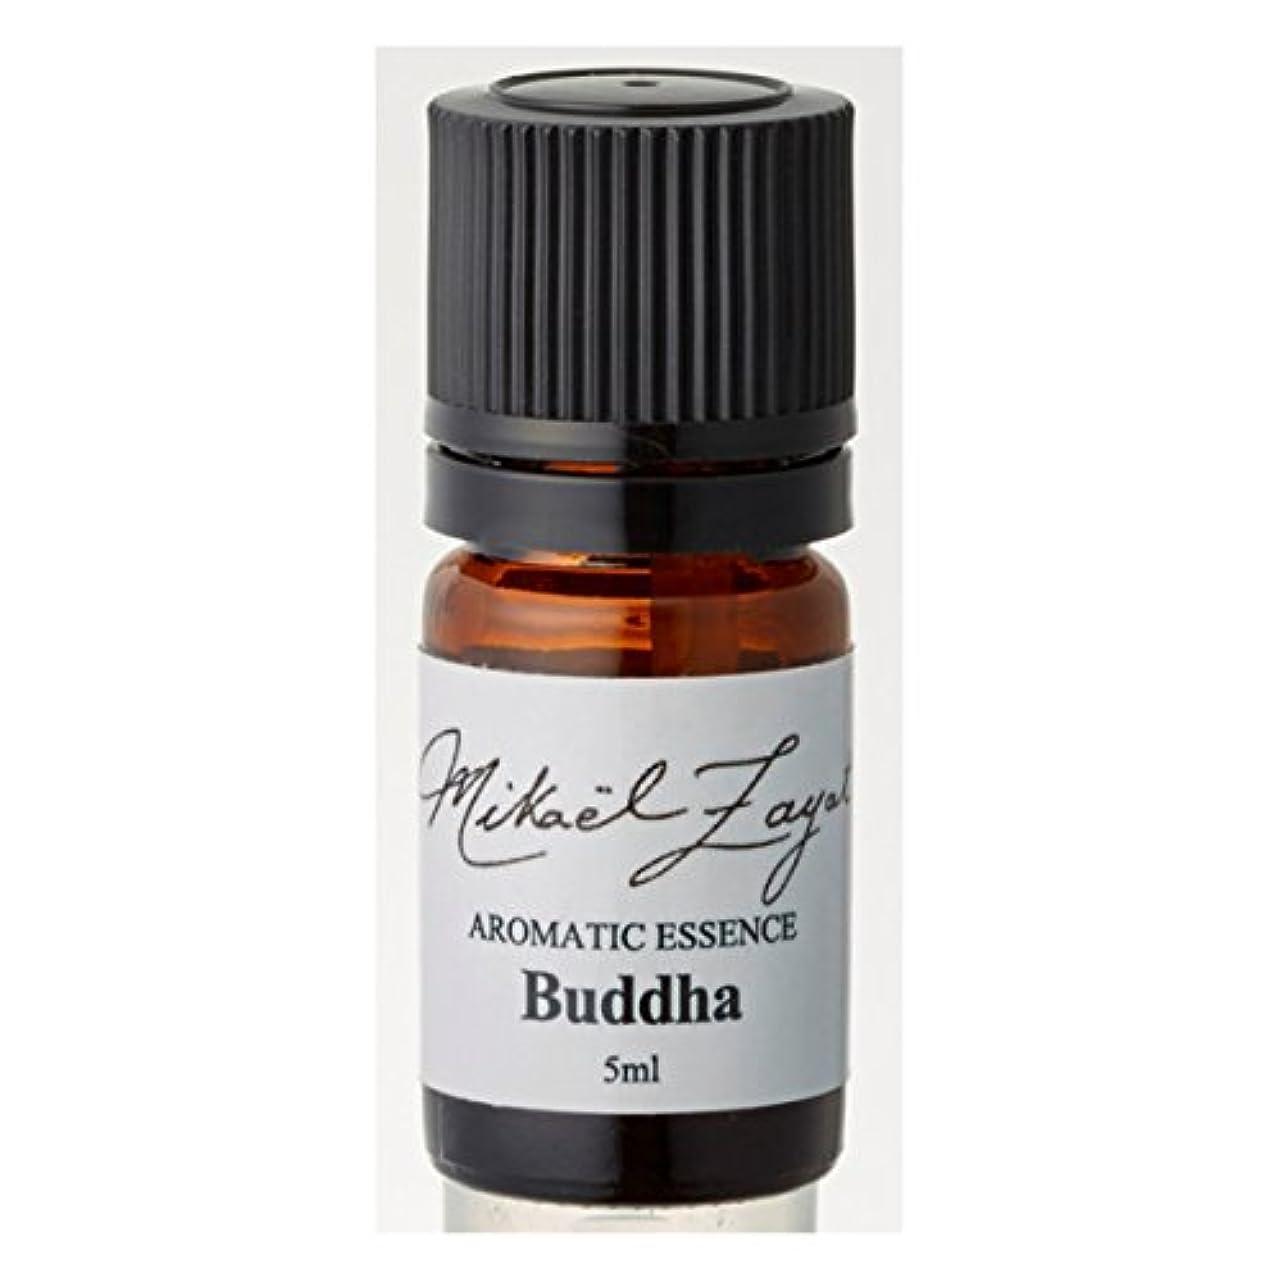 カニ知覚的叫び声ミカエルザヤット ブッダ 5ml Buddha 5ml/ Mikael Zayat hand made blend